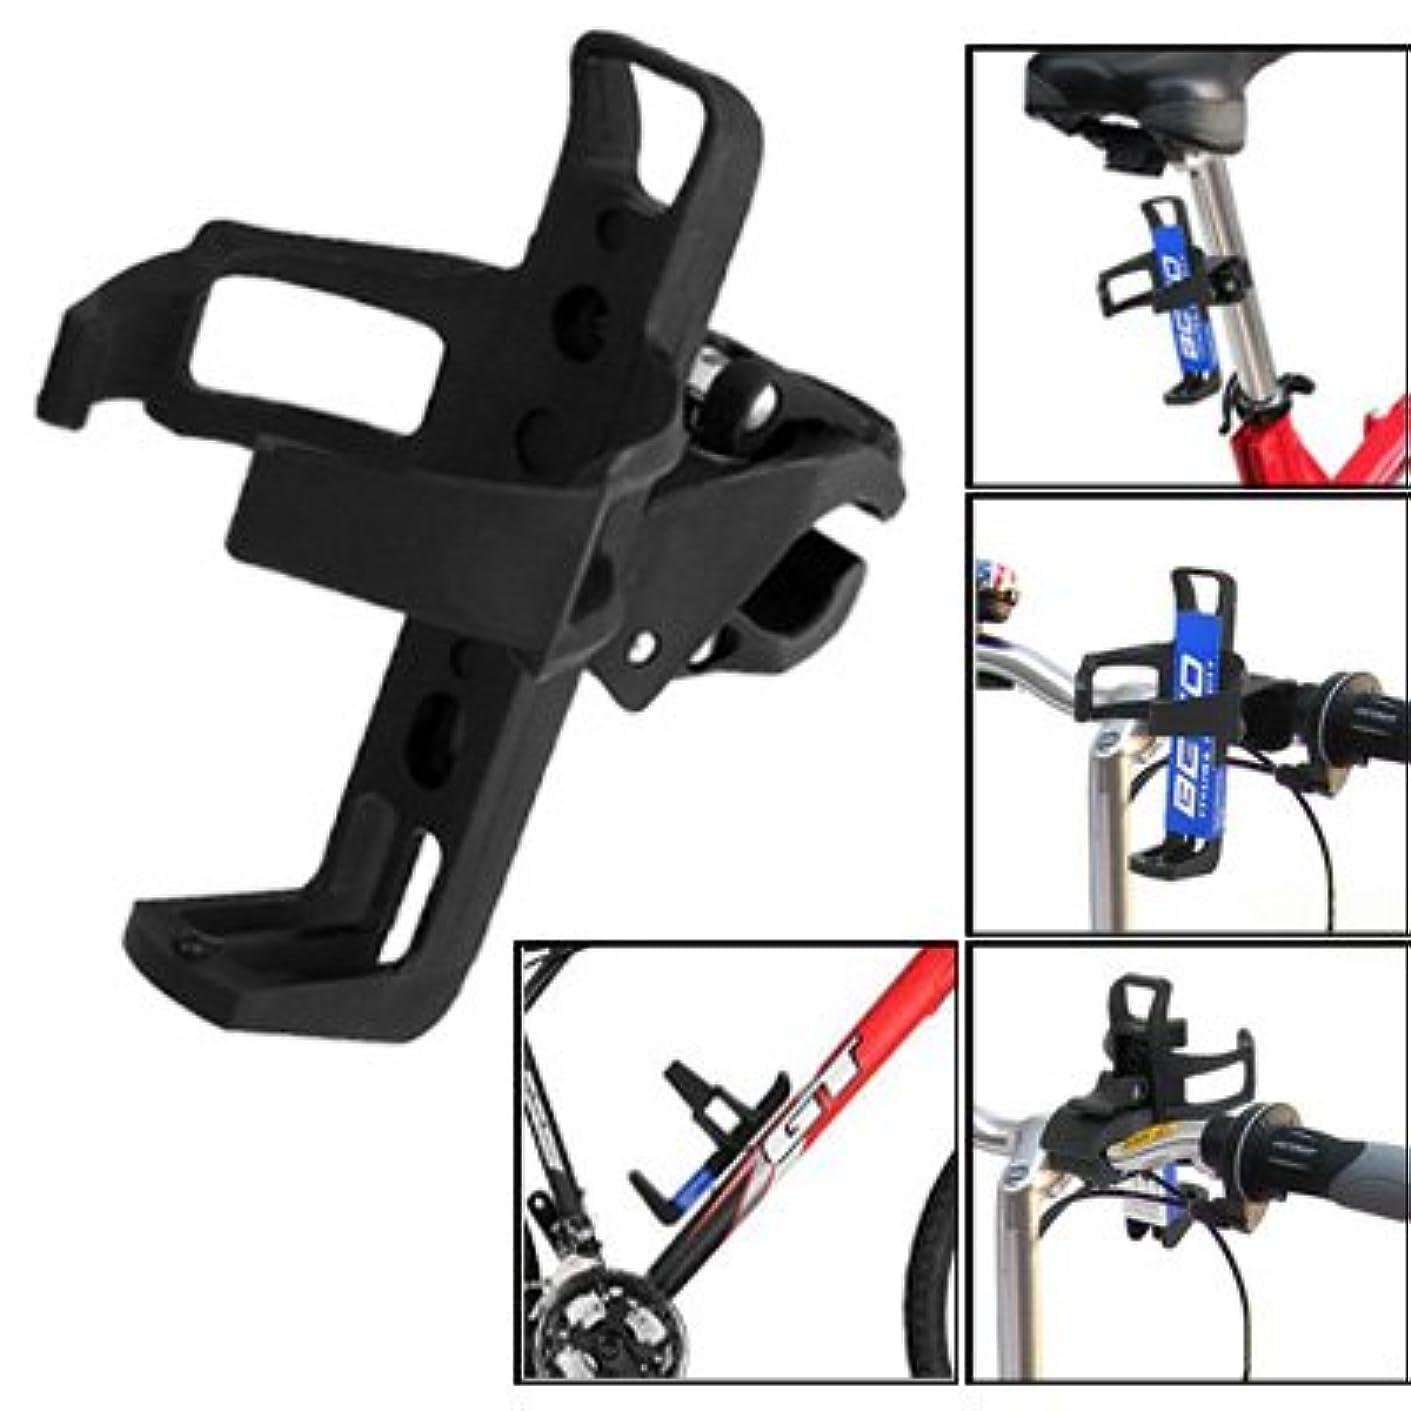 置くためにパック理想的中央WTYDアウトドアツール 回転可能なユニバーサルプラスチックポータブル飲料カップ水ボトルケージホルダーボトルキャリアブラケットスタンドバイク、ランダムカラーデリバリー 自転車の部品